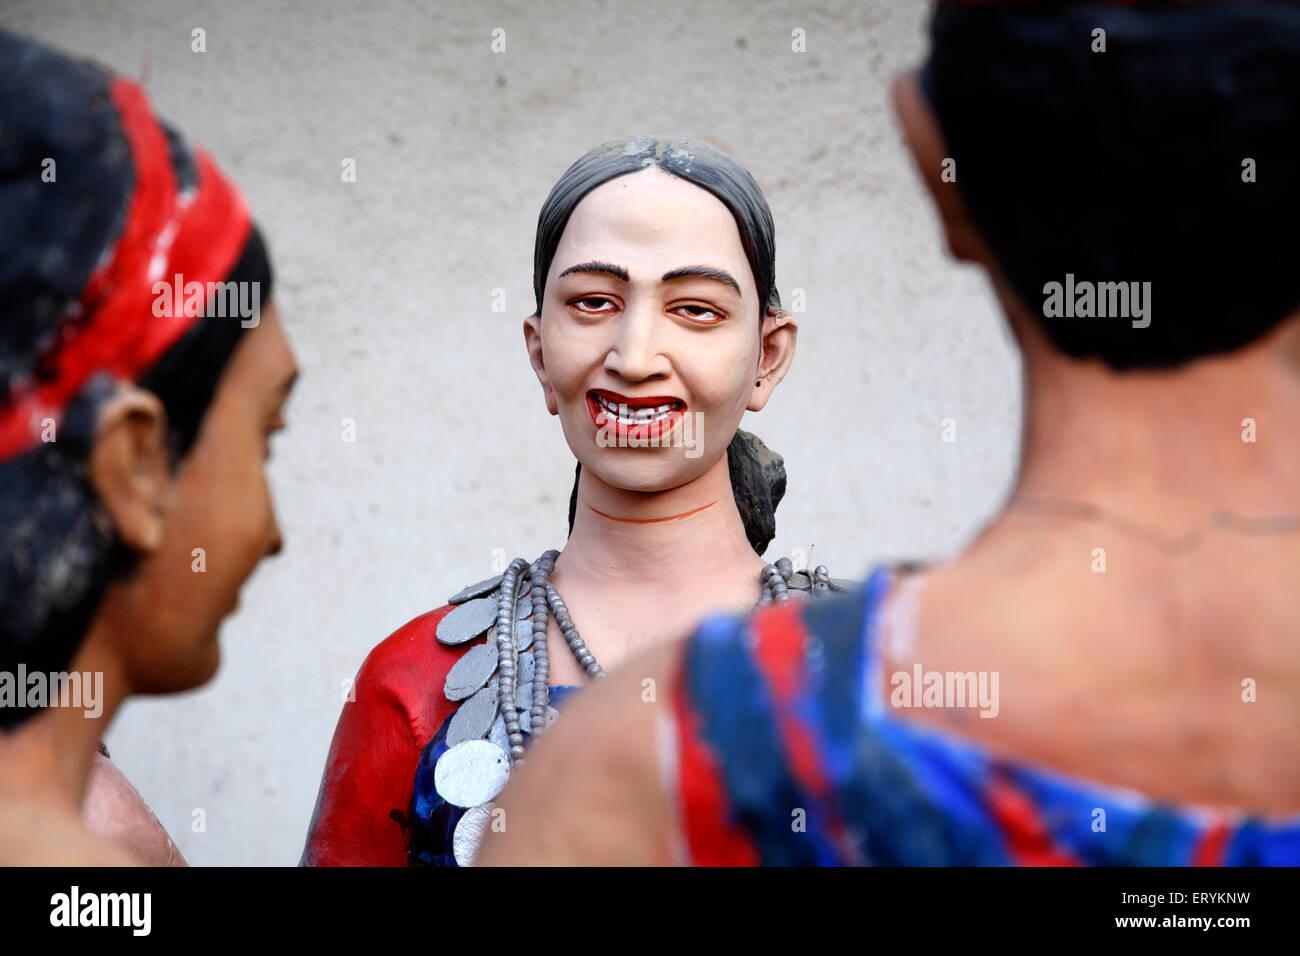 Statue di maschi e femmine che mostra regione nord est le persone e i loro abiti tradizionali ; India Immagini Stock